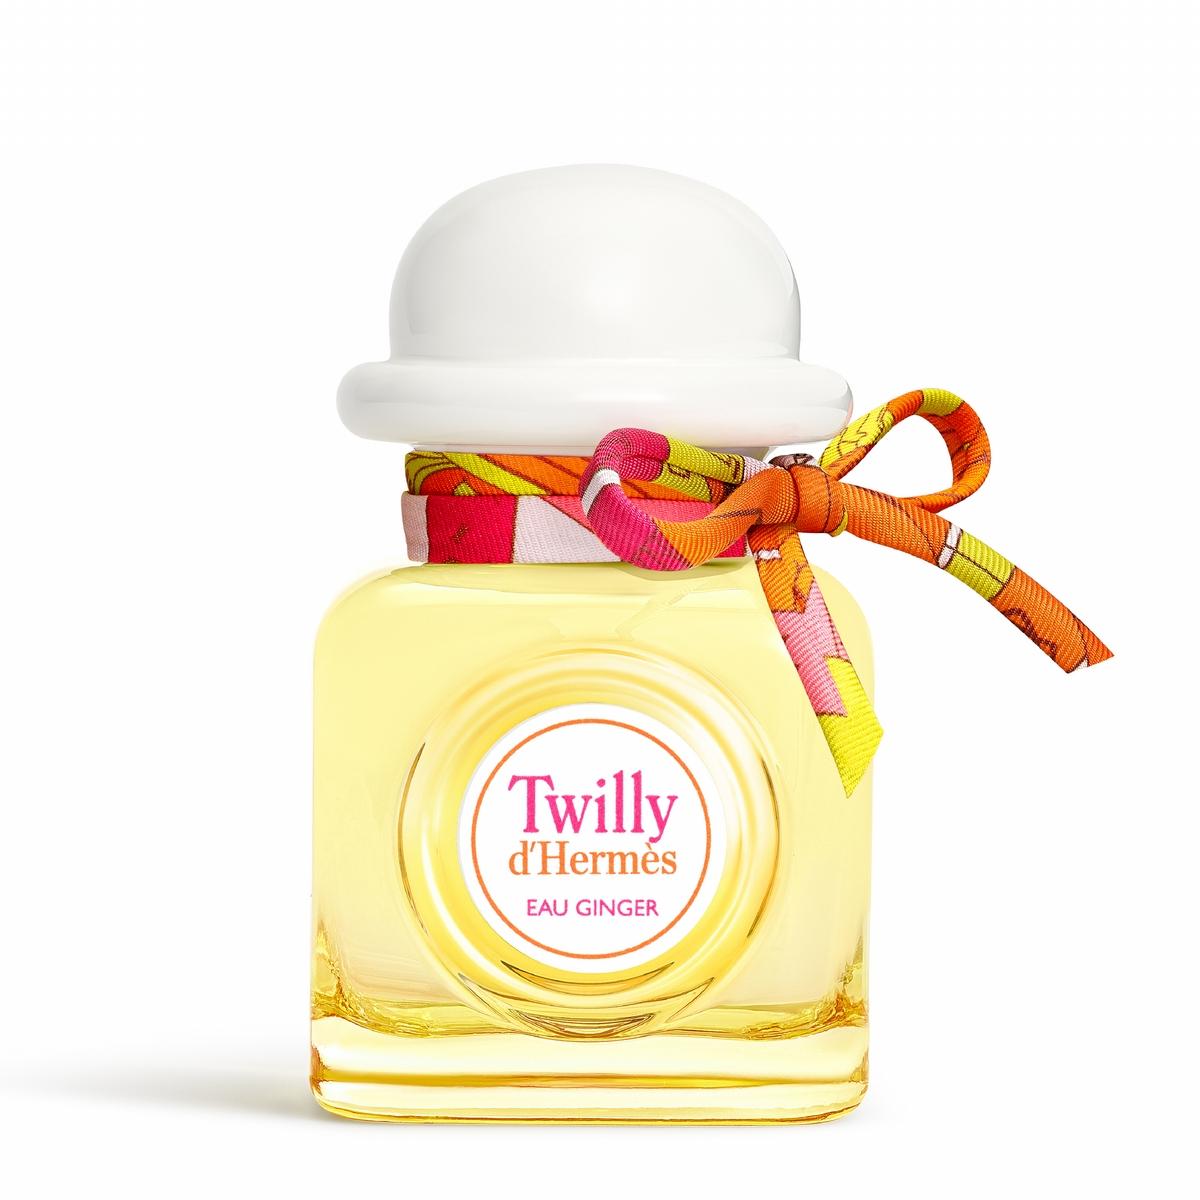 愛馬仕可愛的絲意系列第三款香氛willy Eau Ginger 淡香精來了!清淡粉嫩色系搭配溫柔雪松,夏天就是要這種味道!